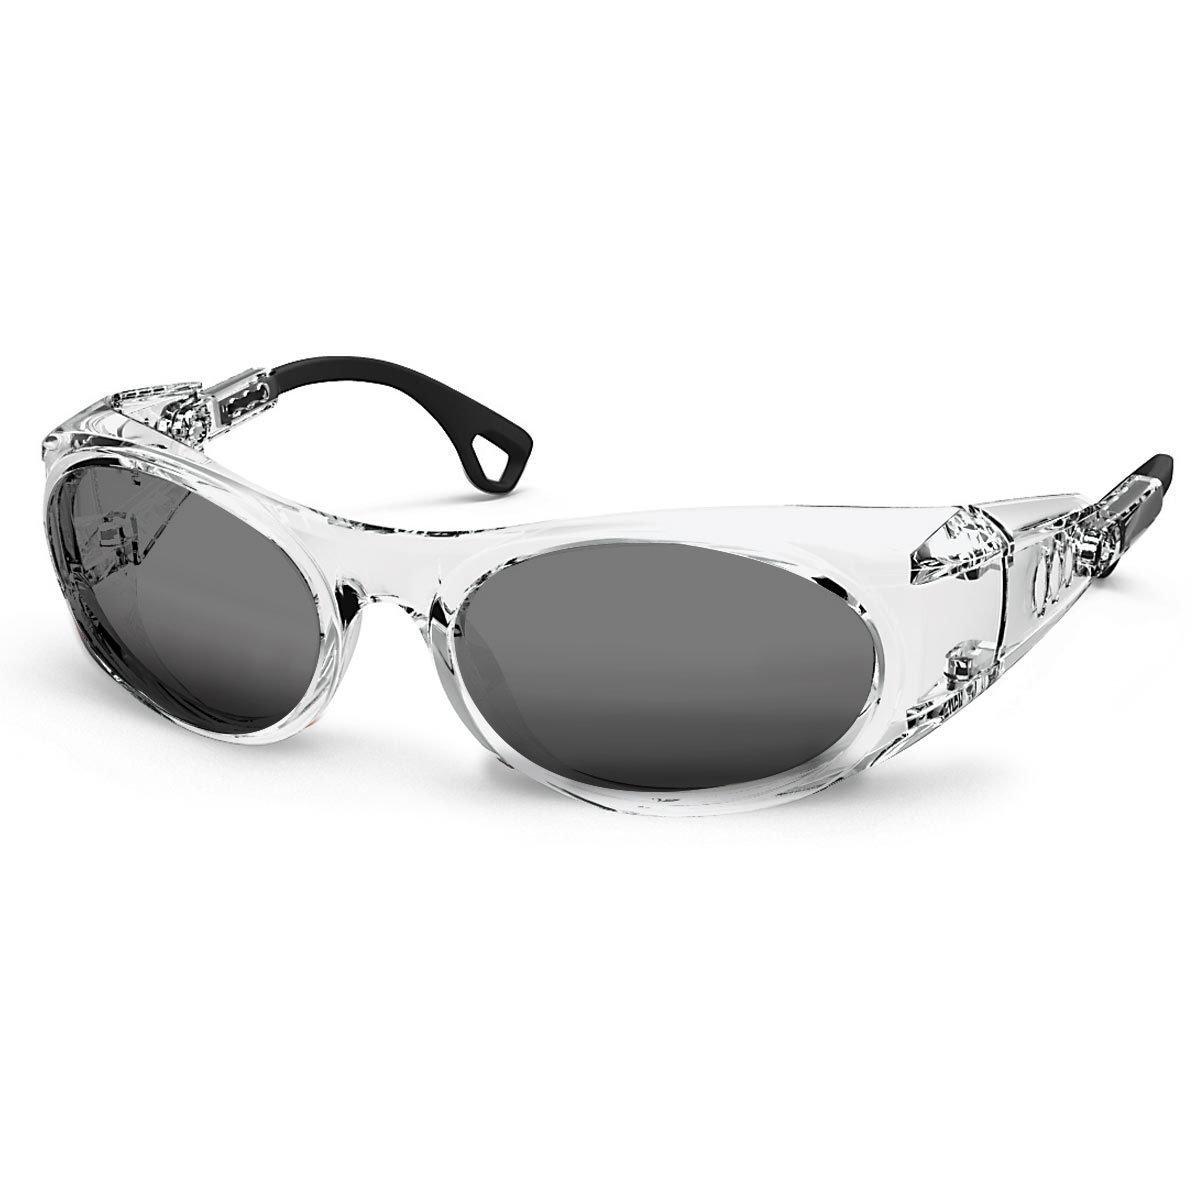 Uvex Korrektionsschutzbrille RX cd 5505 transparent - grau getönt